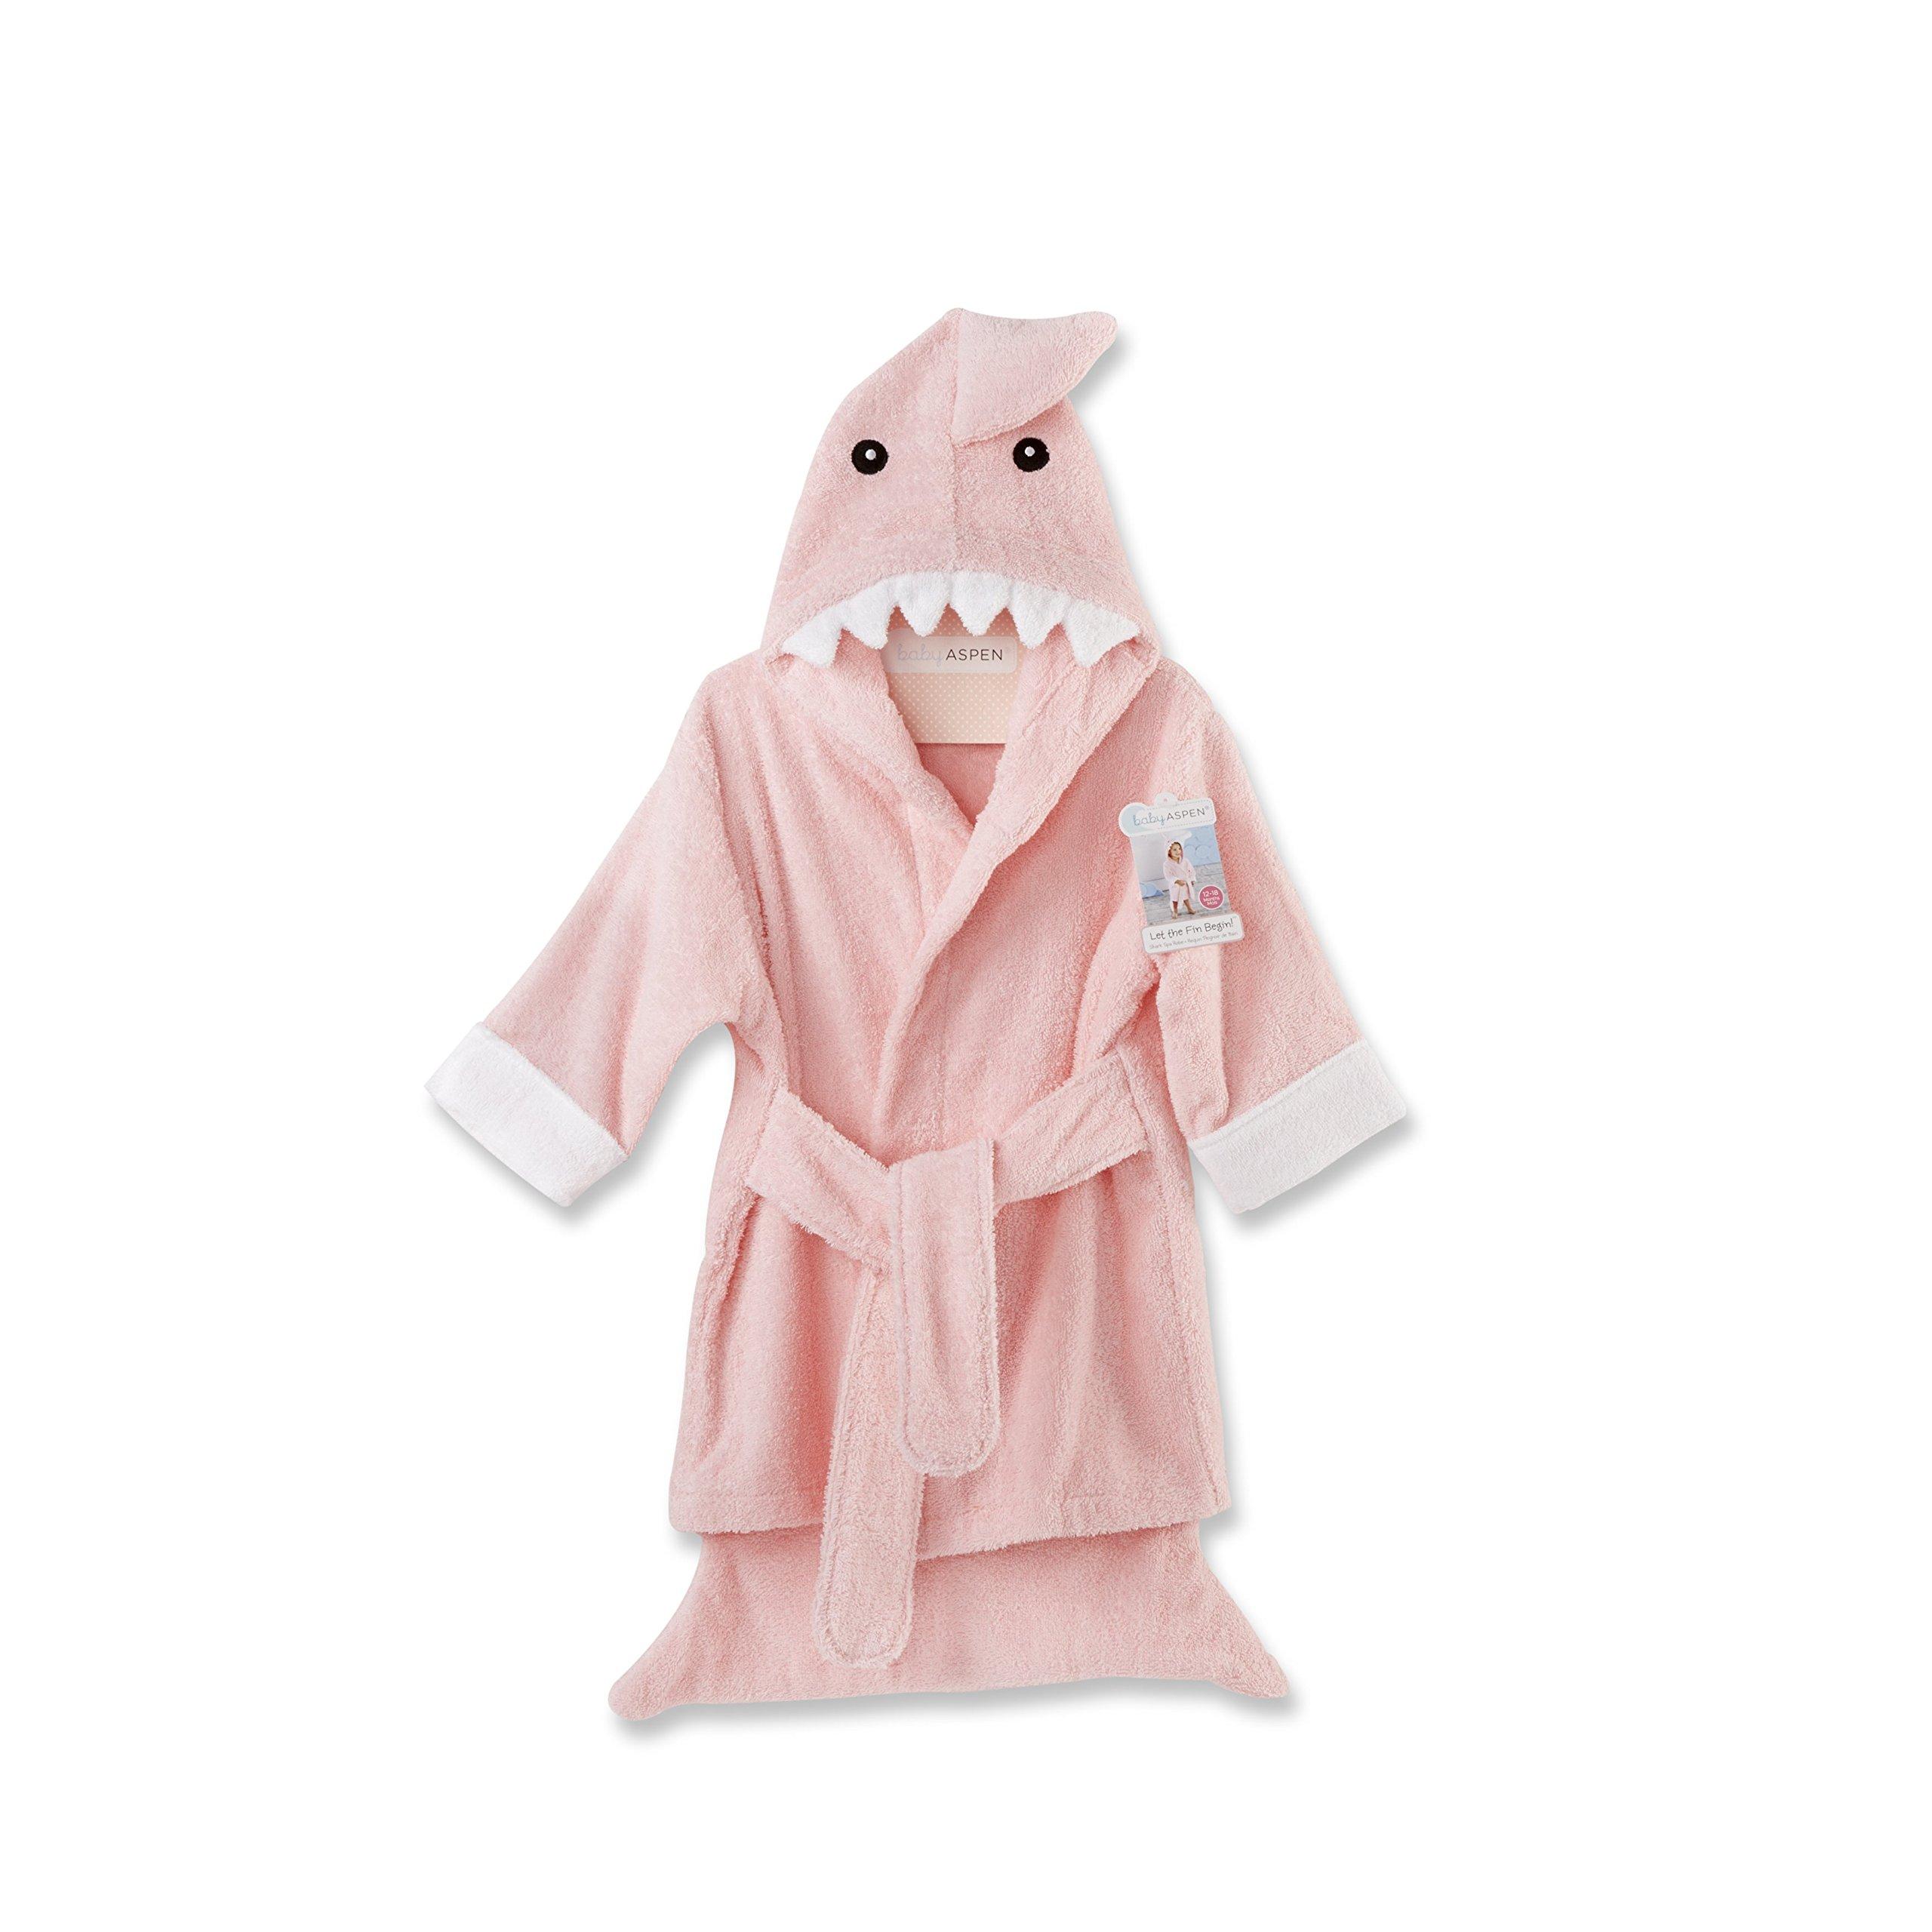 98a88ae5e3 Amazon.com   Baby Aspen Let the Fun Begin Blue Shark Robe